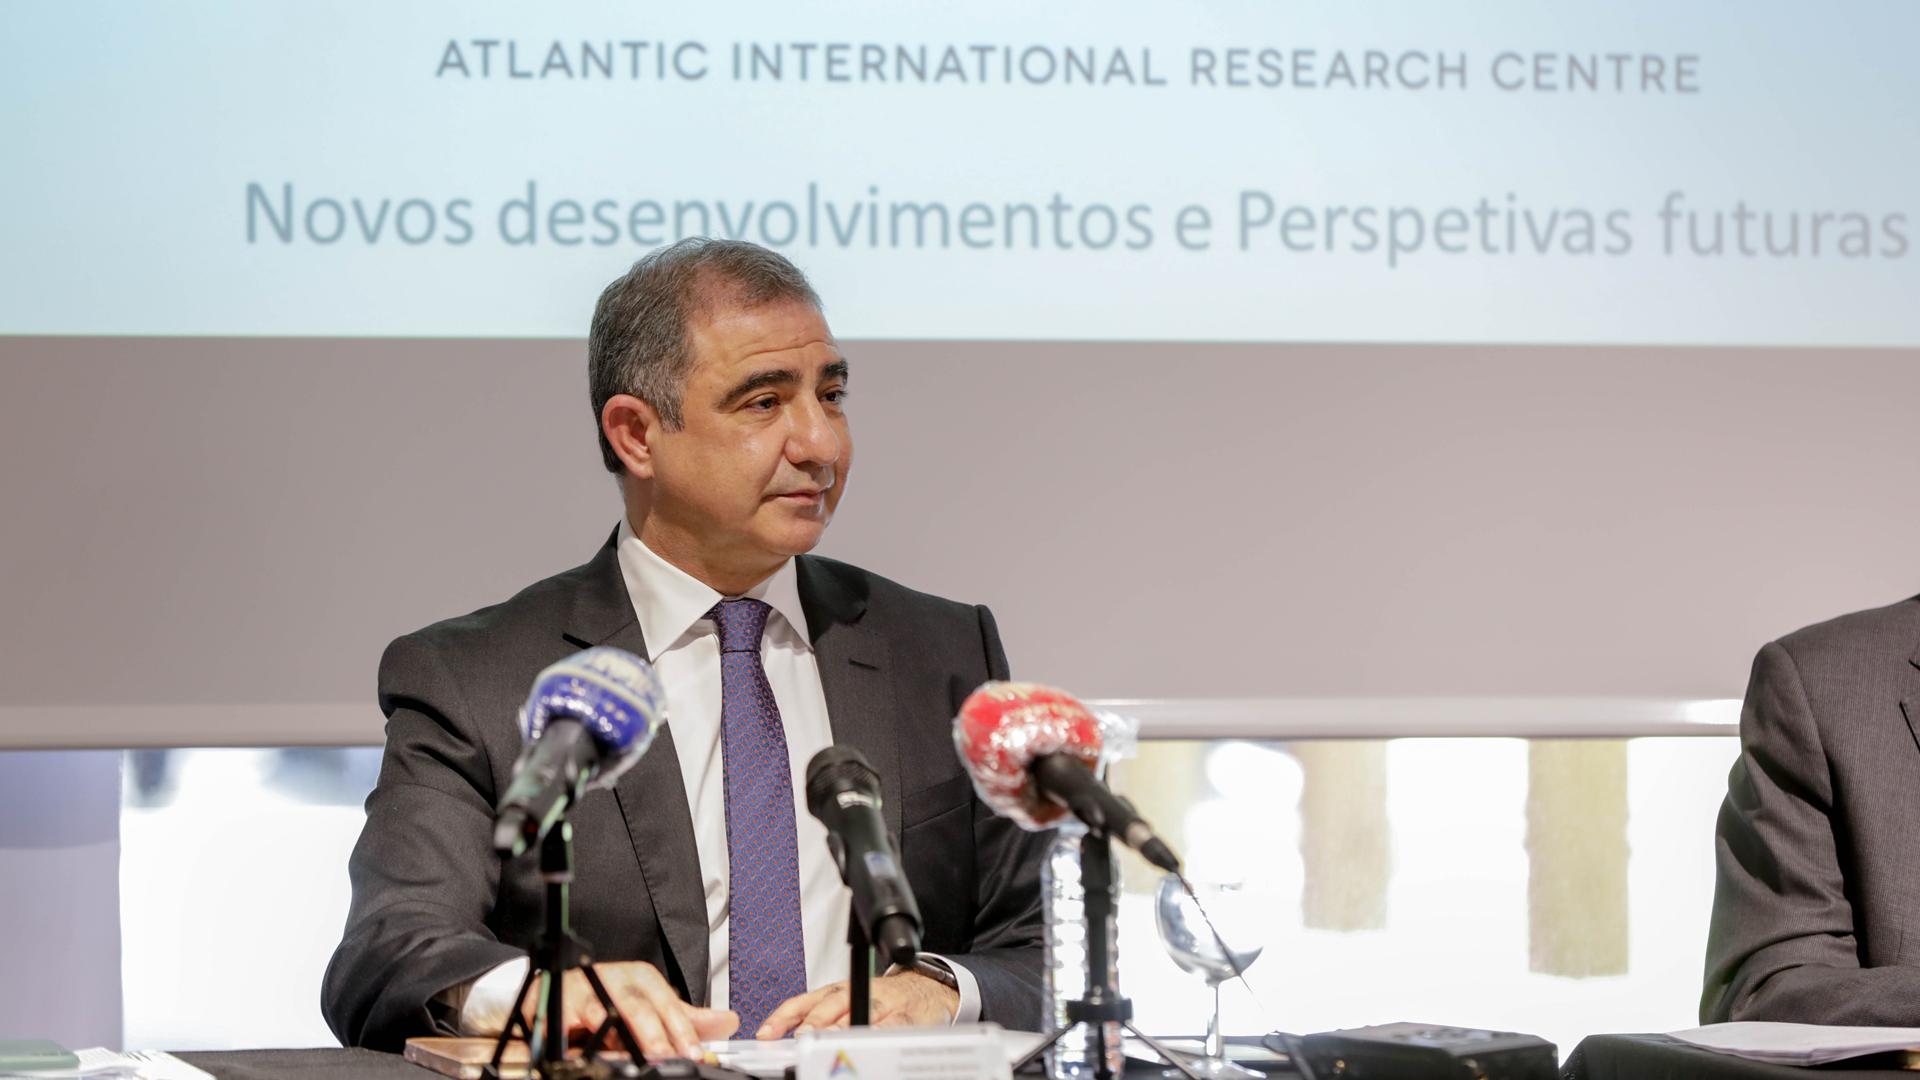 Presidente do Governo orgulhoso com talento captado pelos Açores na Ciência e Investigação